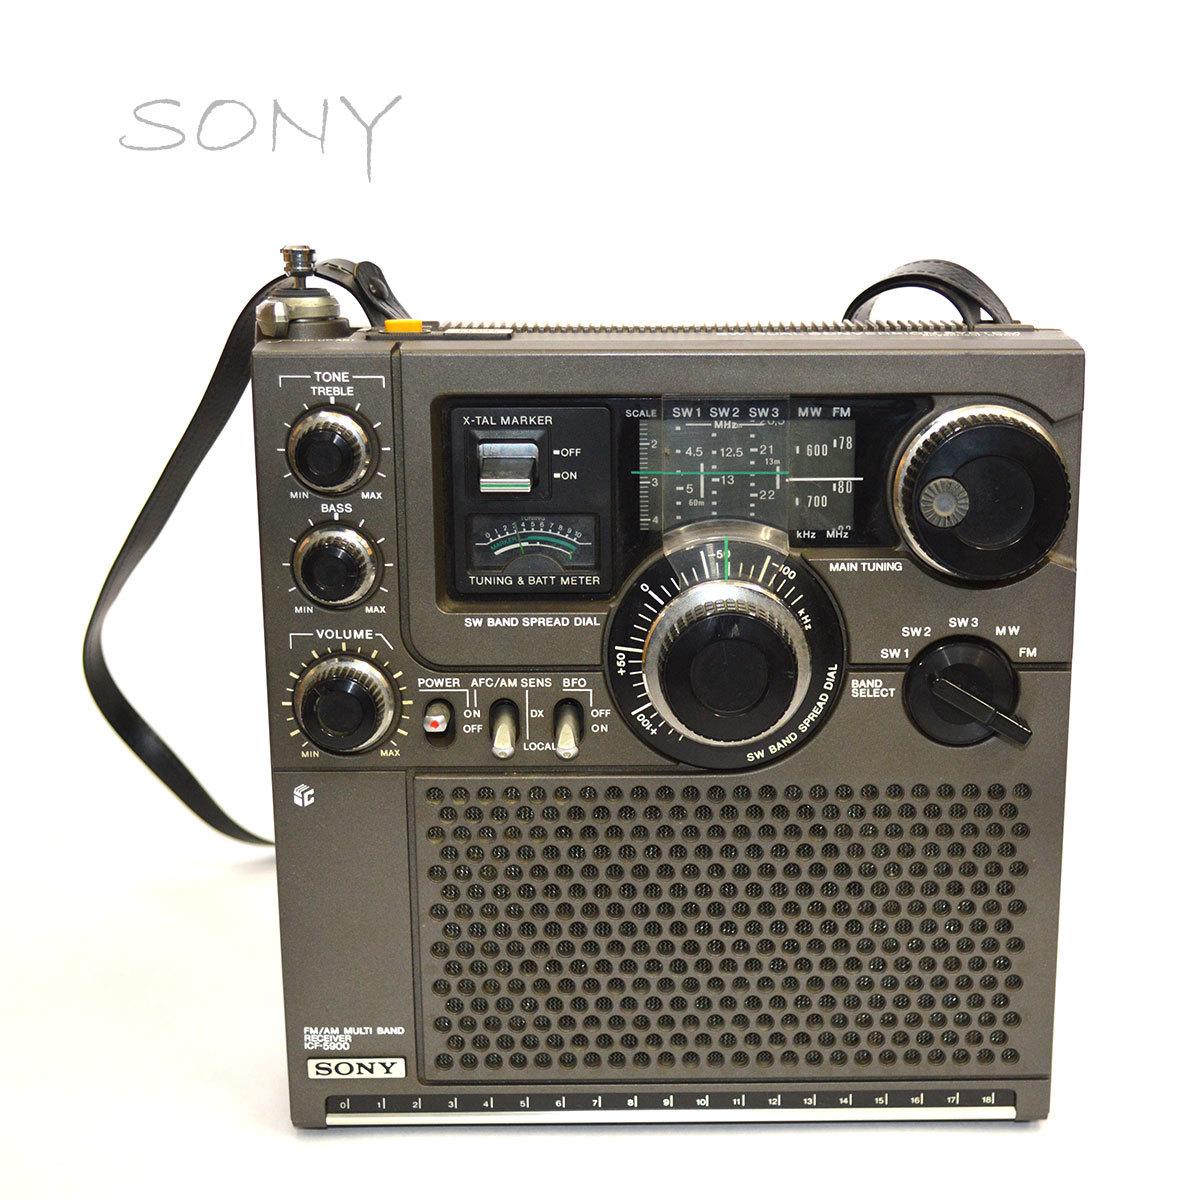 当時物 SONY ソニー ICF-5900 ラジオ スカイセンサー 5BAND バンド マルチバンド レシーバー 昭和 レトロ 東E